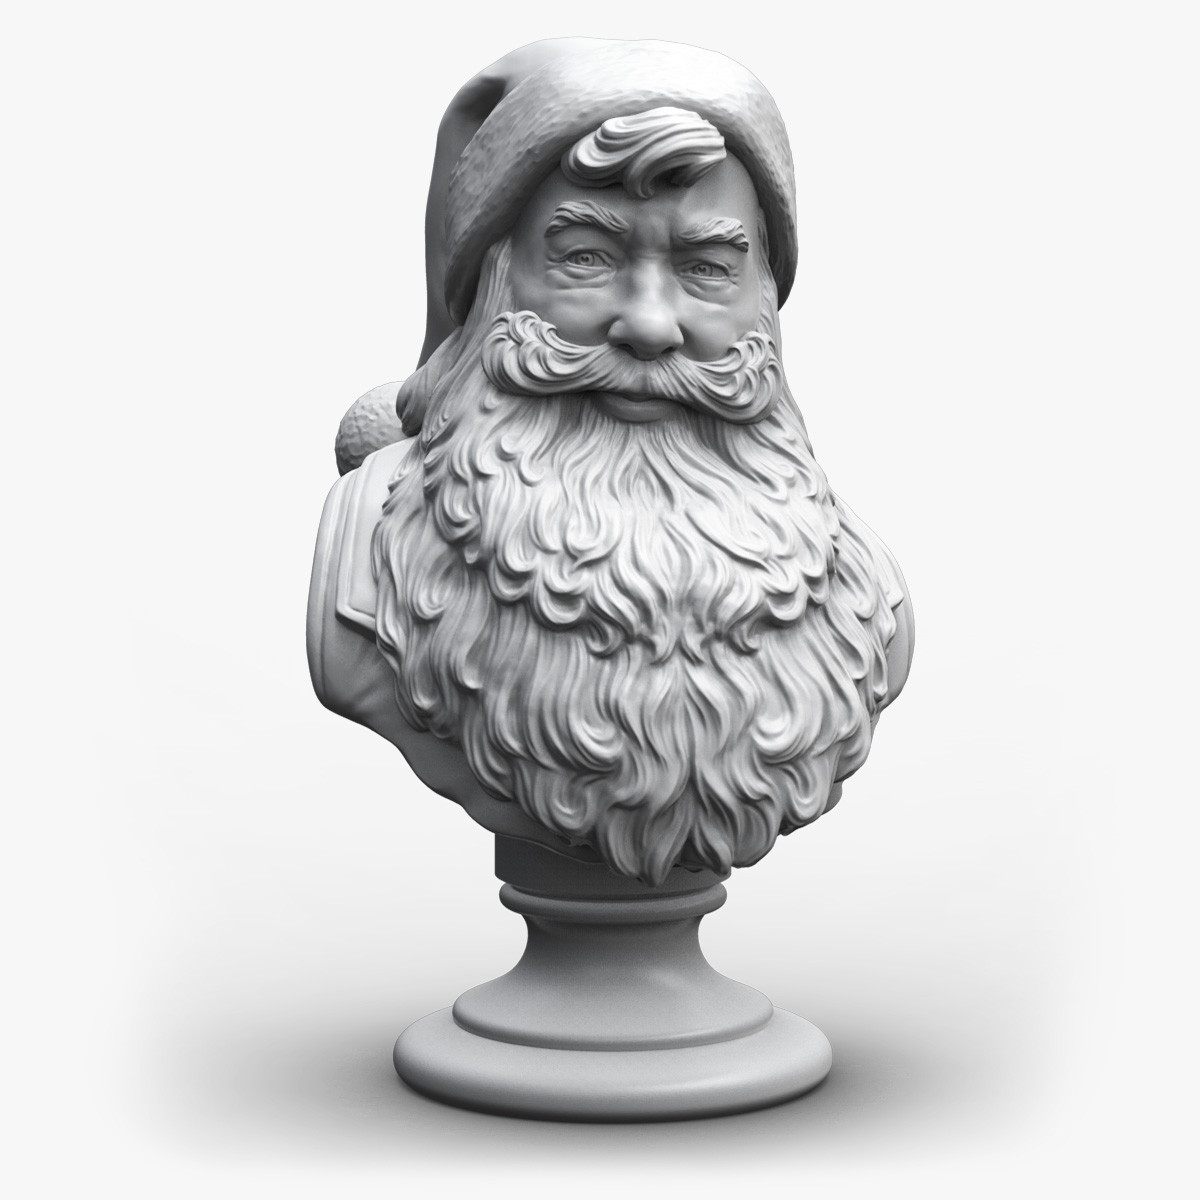 Santa claus bust sculpture max